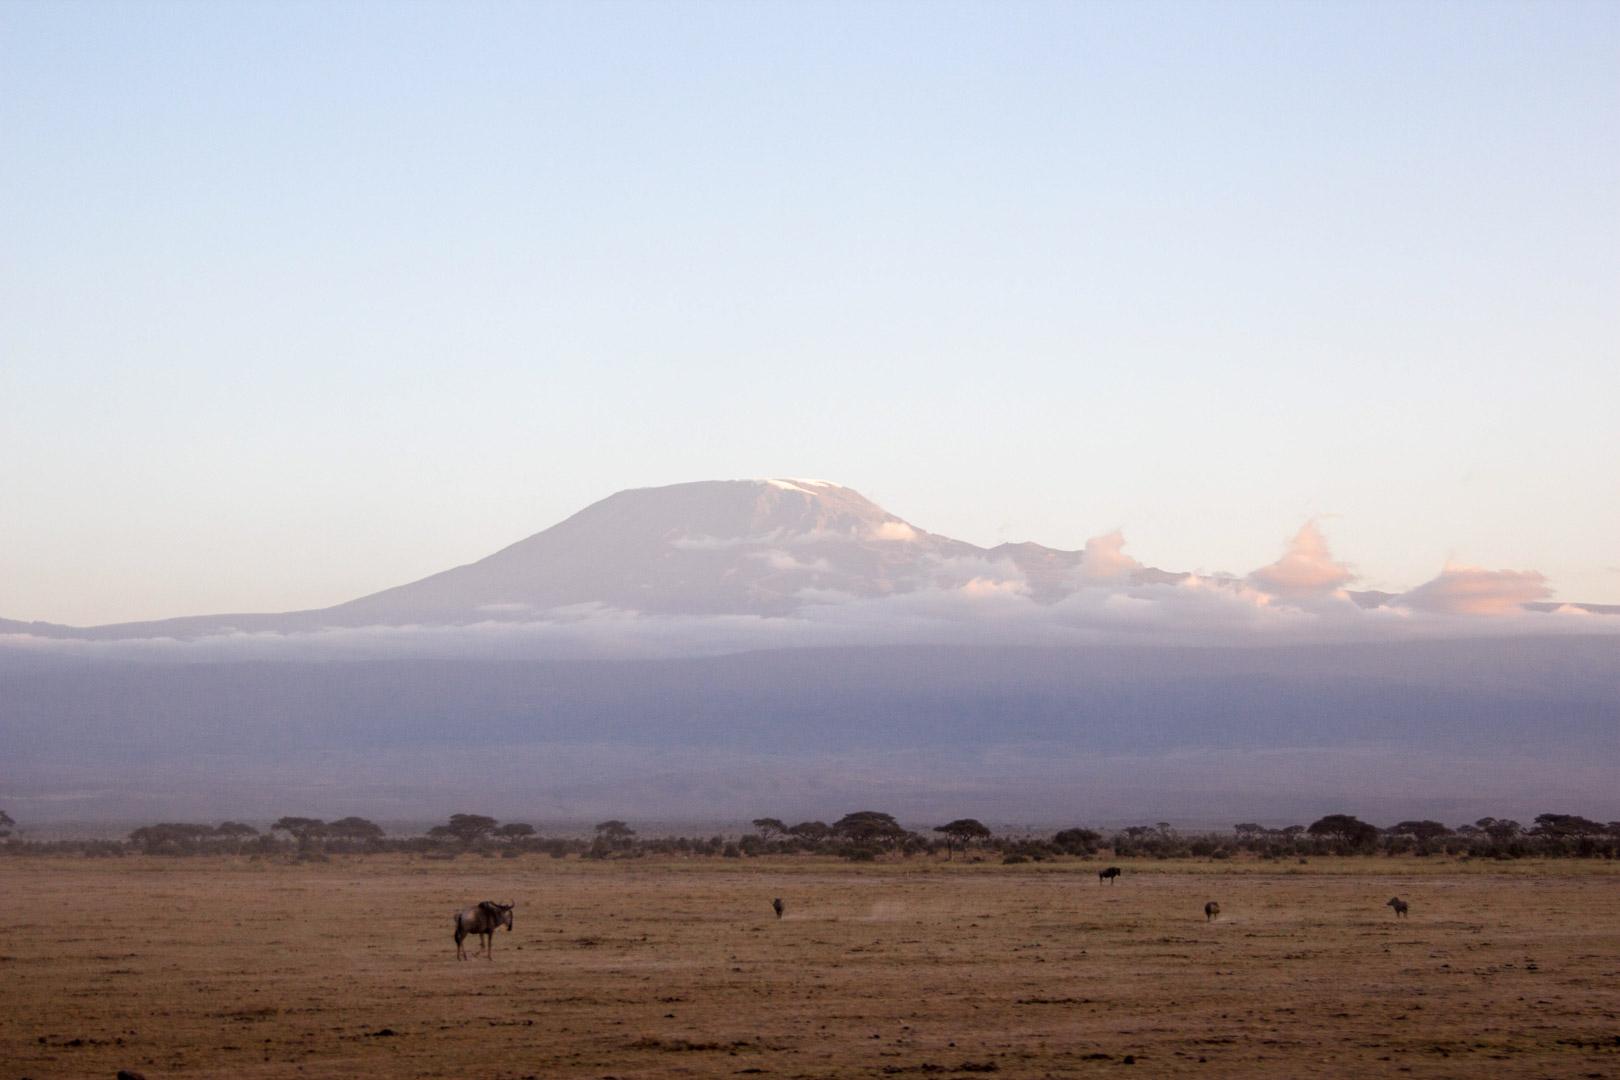 Monte Kilimanjaro, Parque Nacional de Amboseli, Kenia